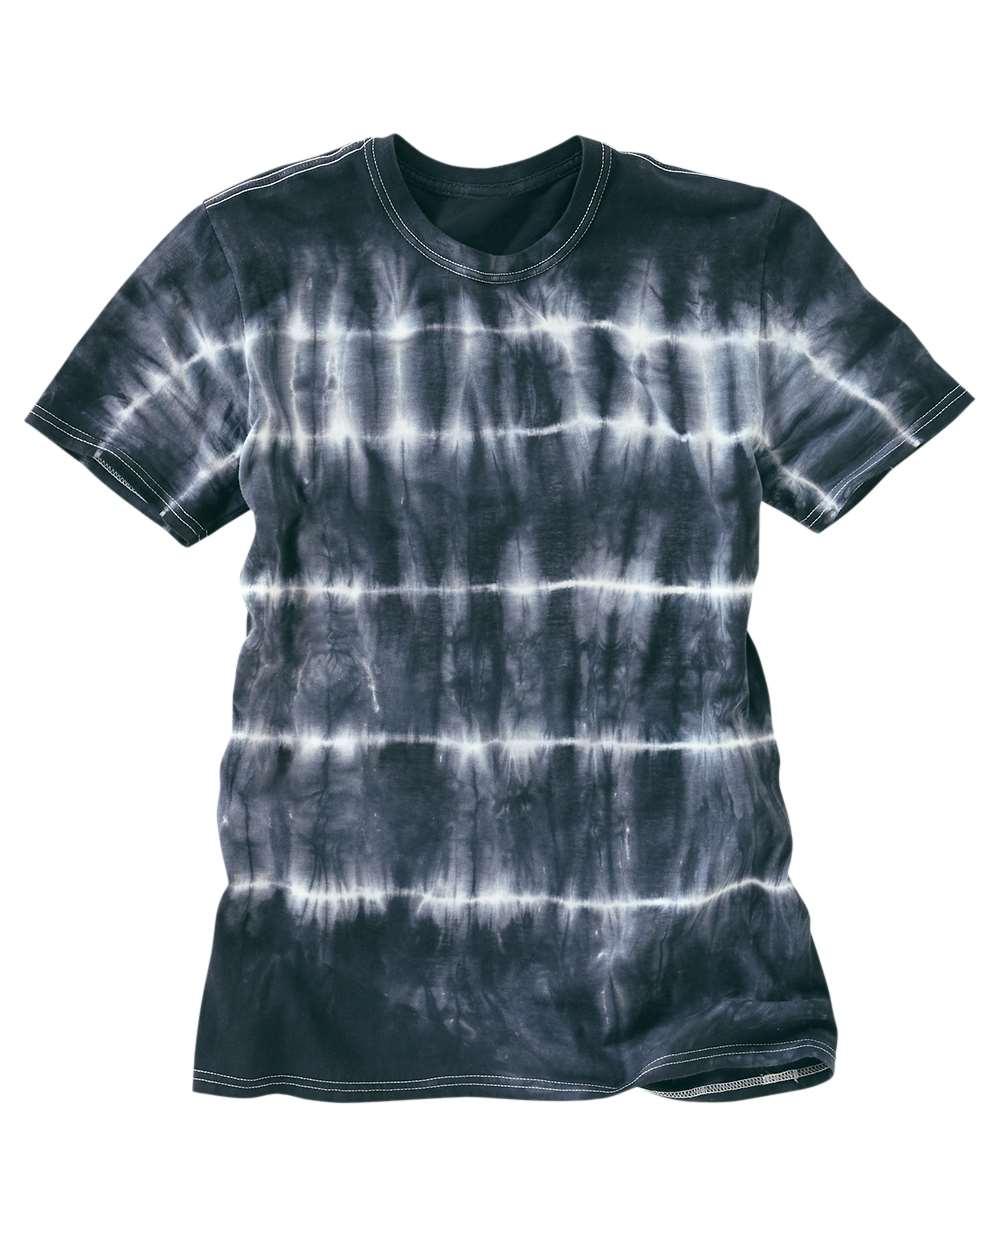 Dyenomite 640SB - Shibori Tie Dye T-Shirt